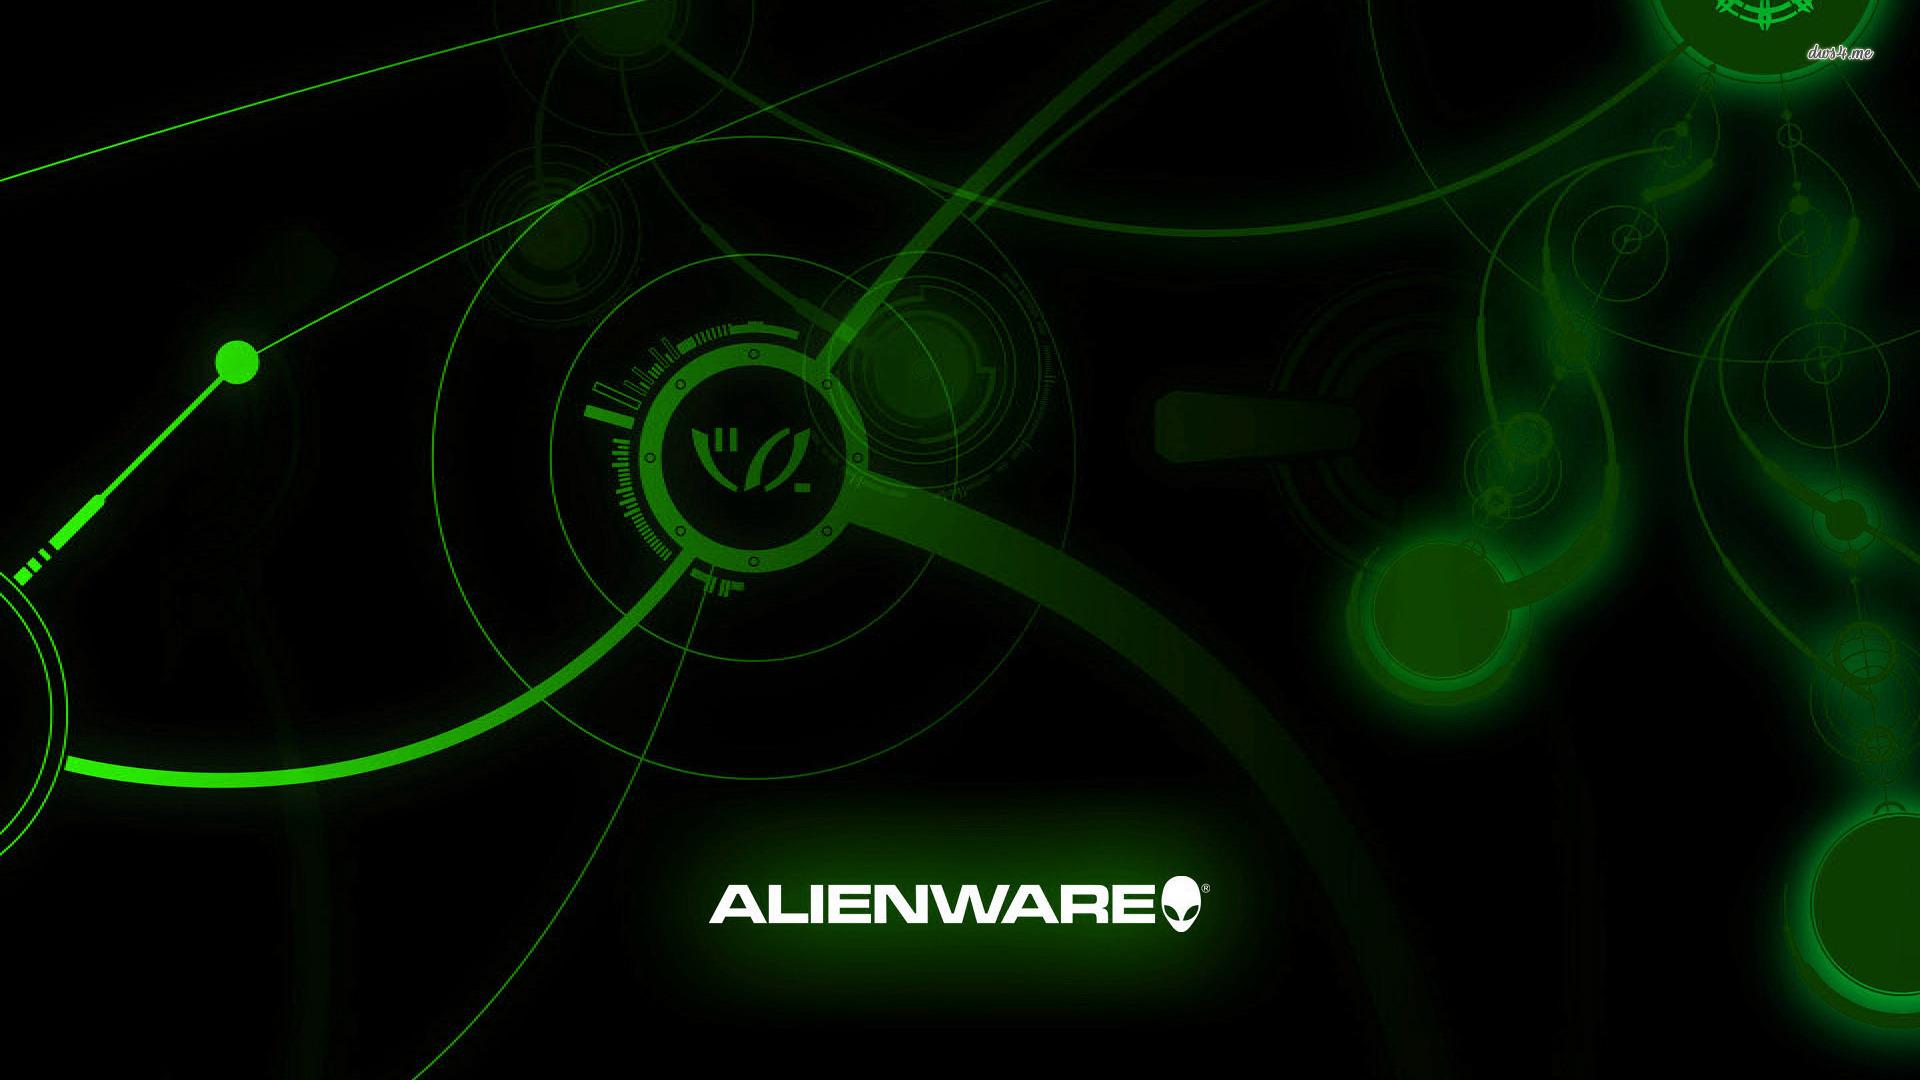 Alienware Wallpaper 72 Dpi WallpaperSafari